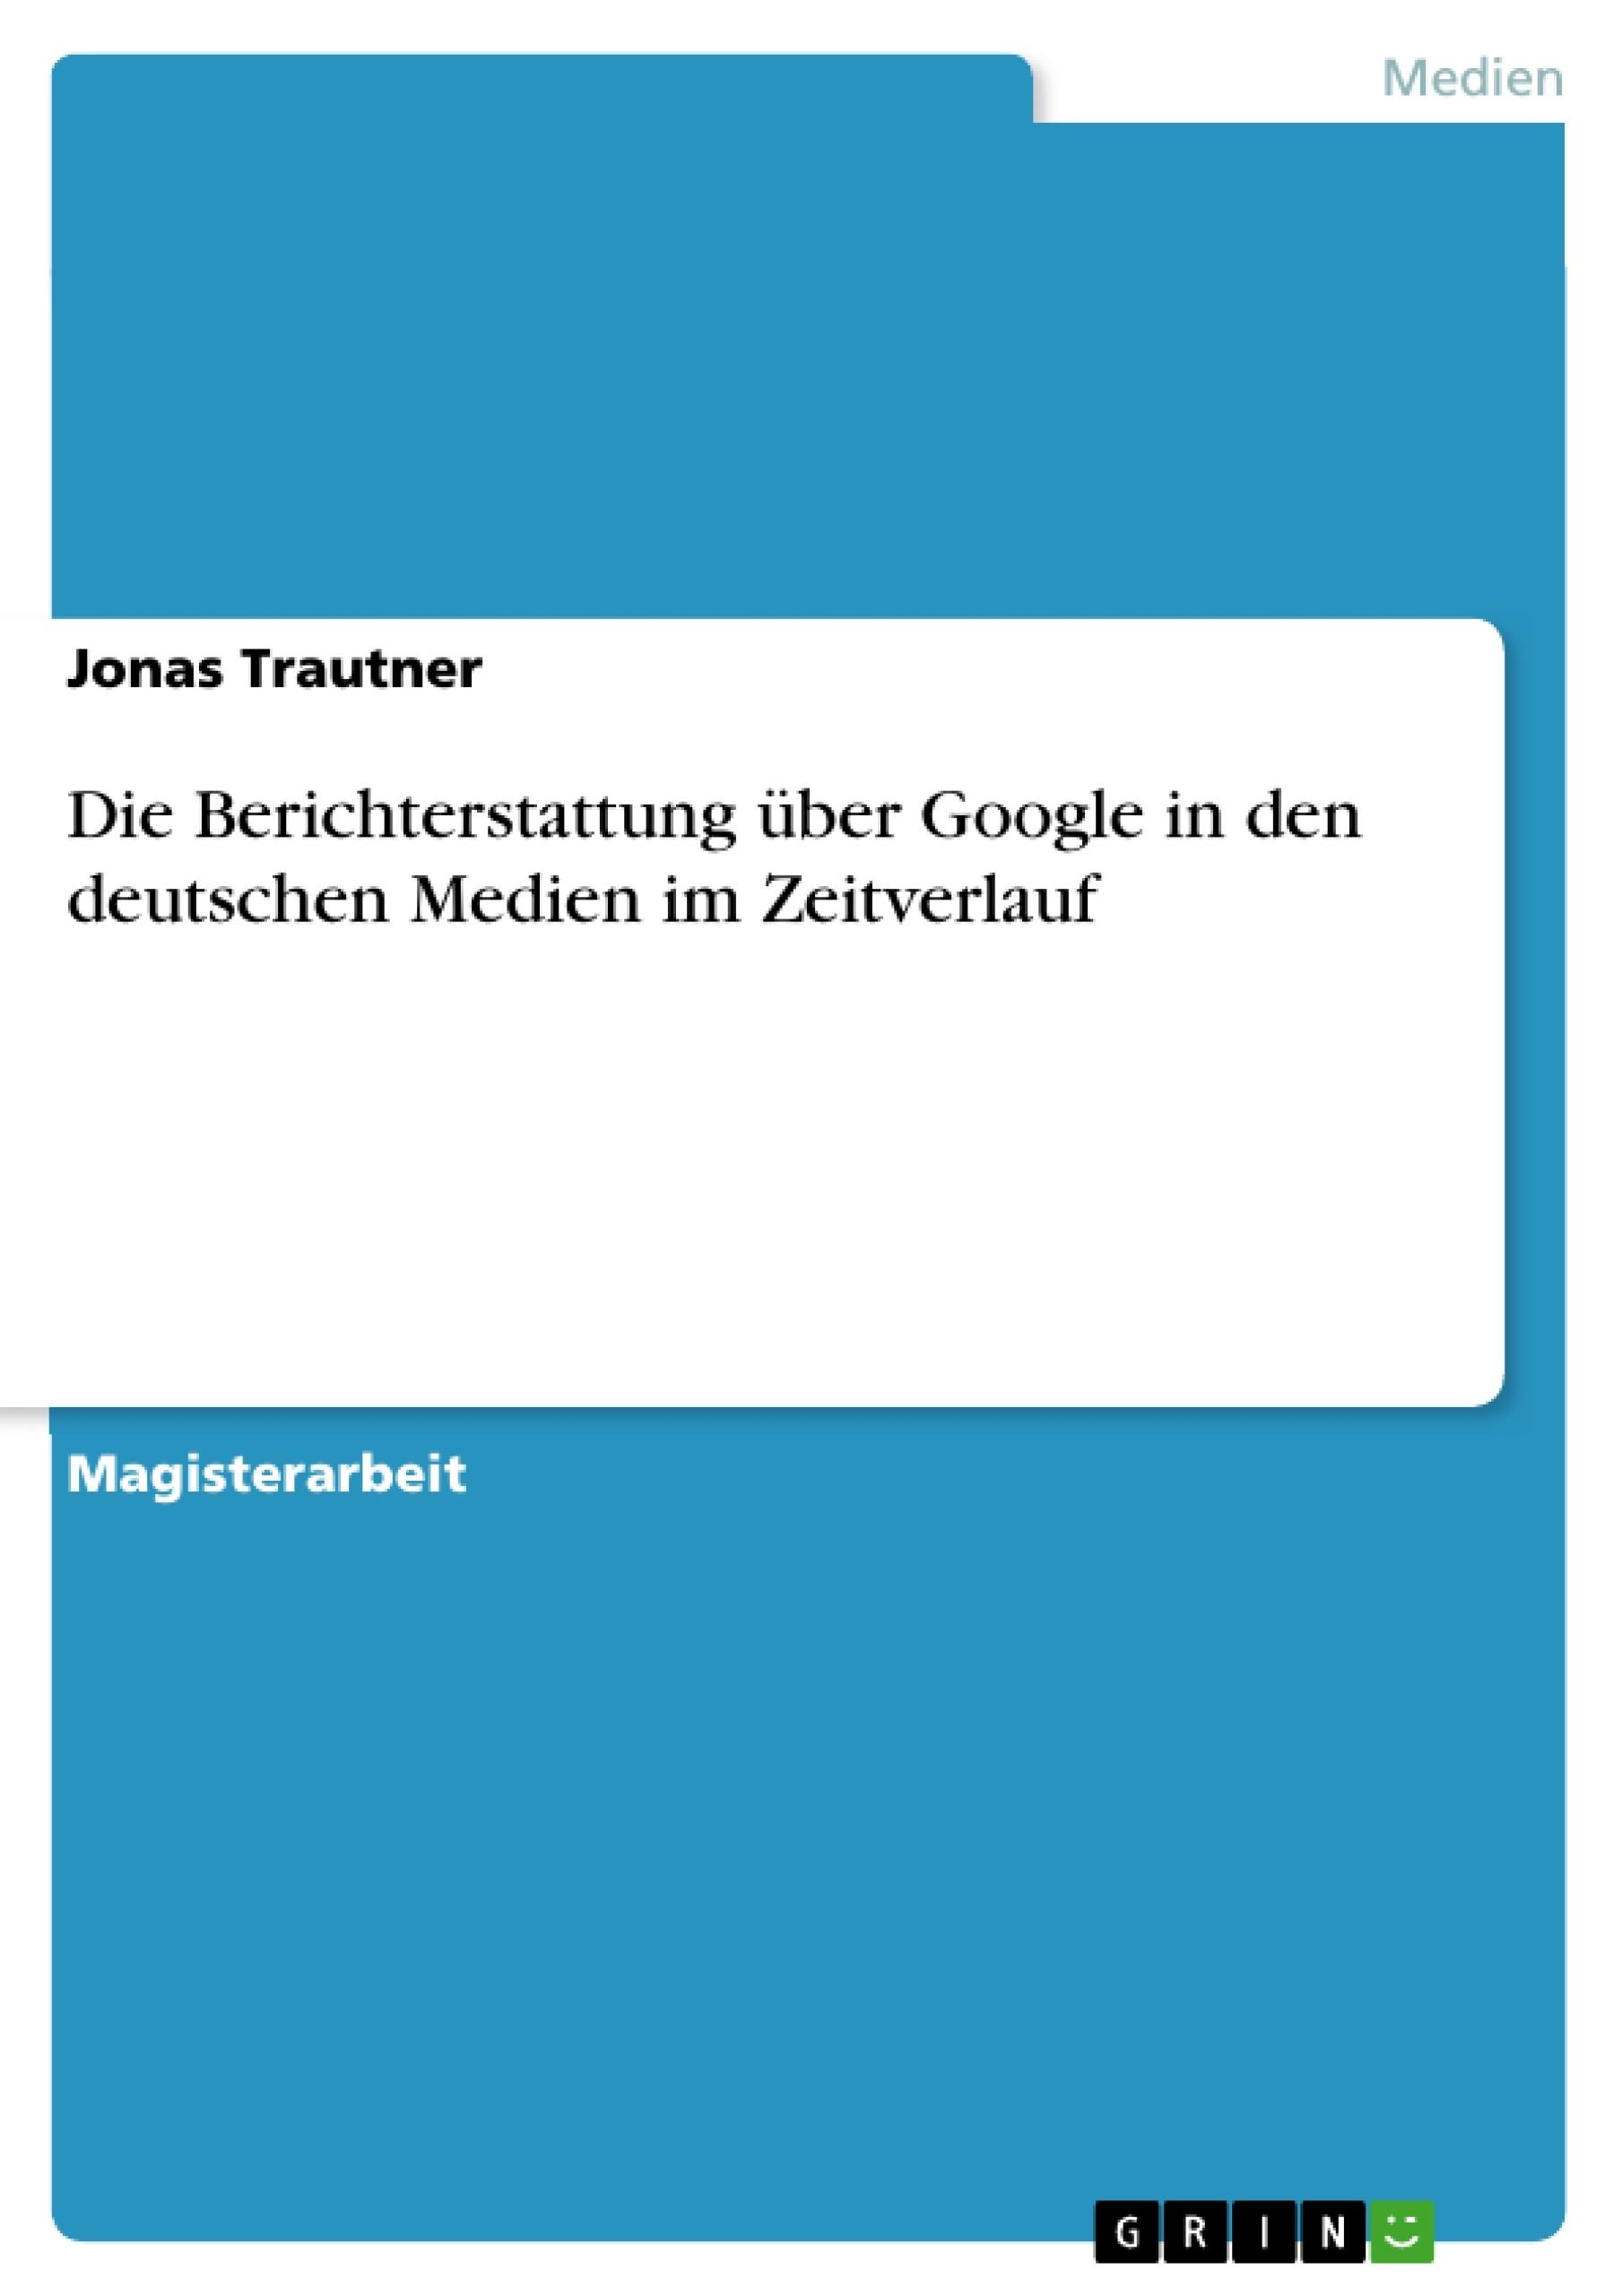 Titel: Die Berichterstattung über Google in den deutschen Medien im Zeitverlauf